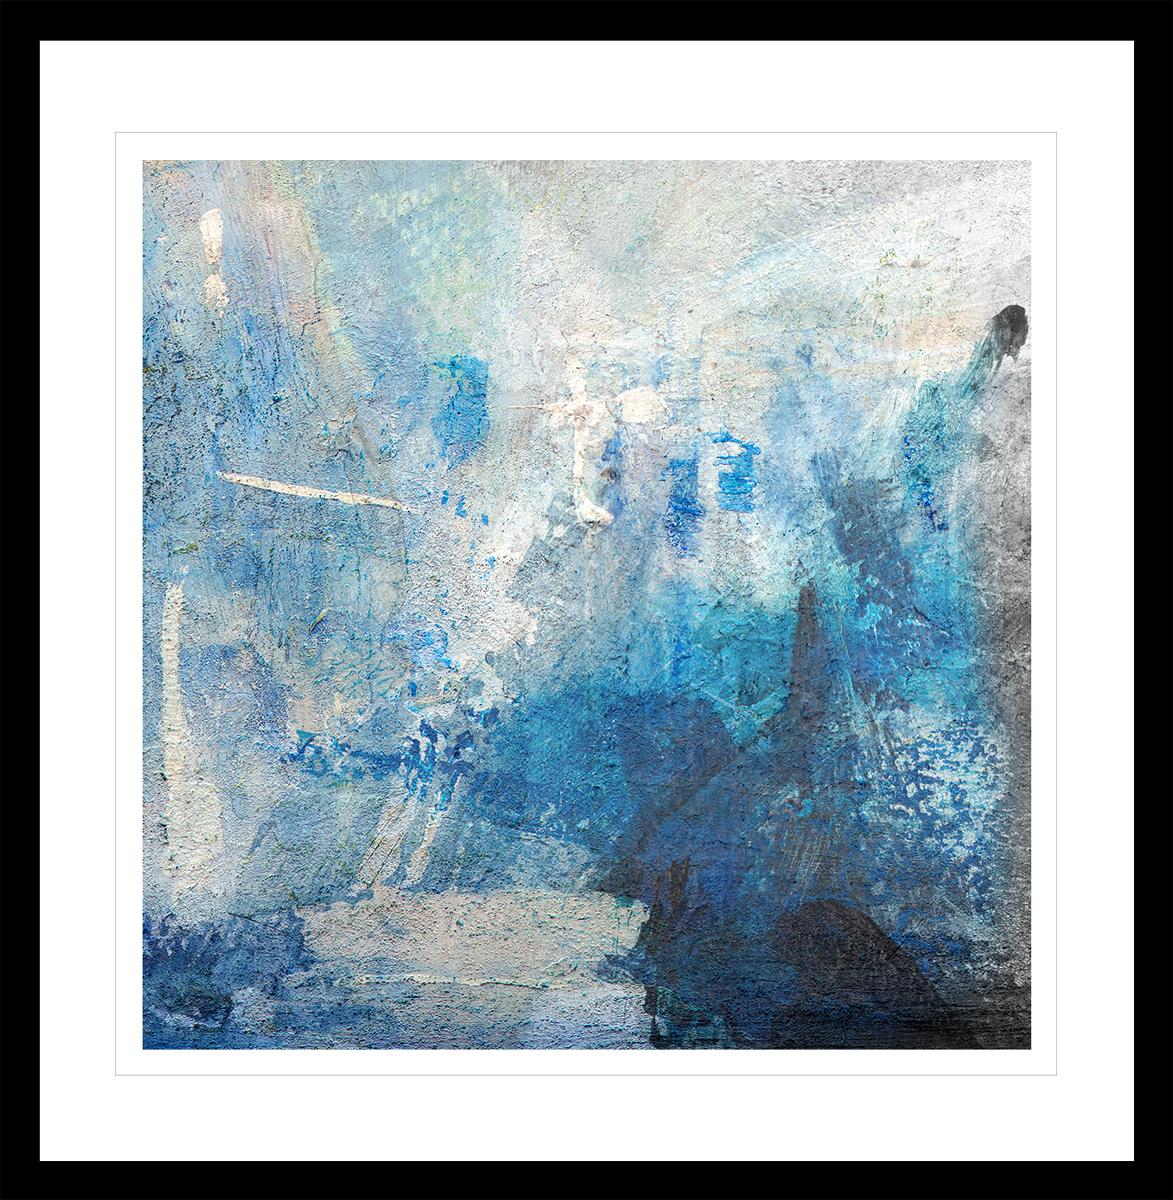 Abstrakt kunst med glødende blått og hvitt penselstrøk. Håndkolorert grafikk av Vebjørn Sand.